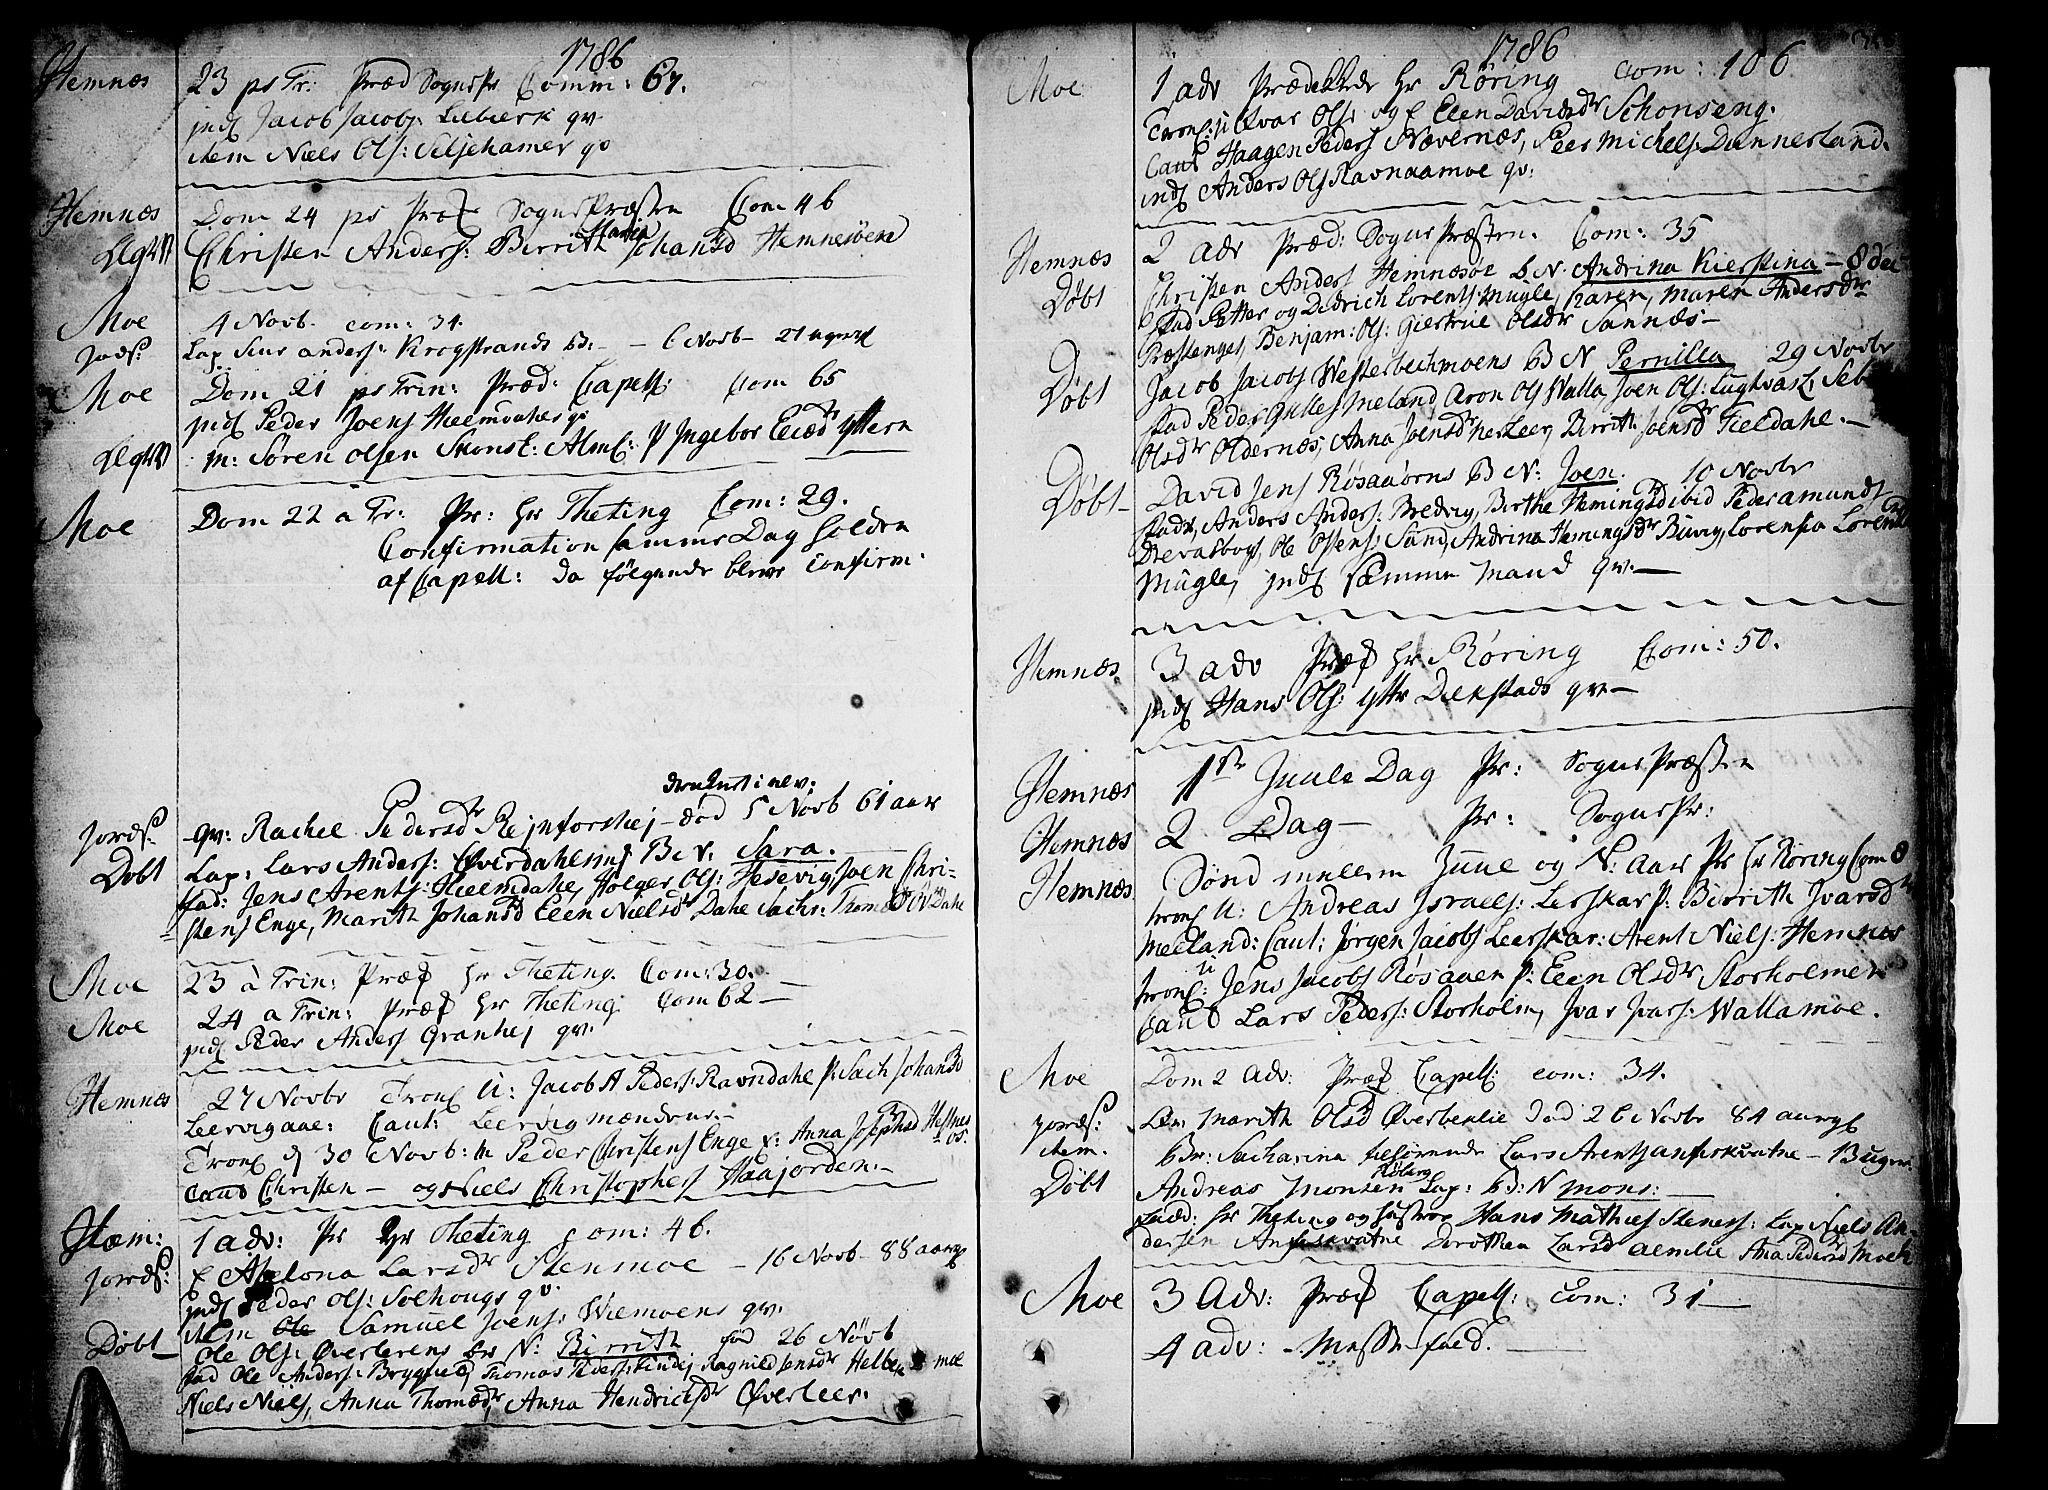 SAT, Ministerialprotokoller, klokkerbøker og fødselsregistre - Nordland, 825/L0348: Parish register (official) no. 825A04, 1752-1788, p. 356